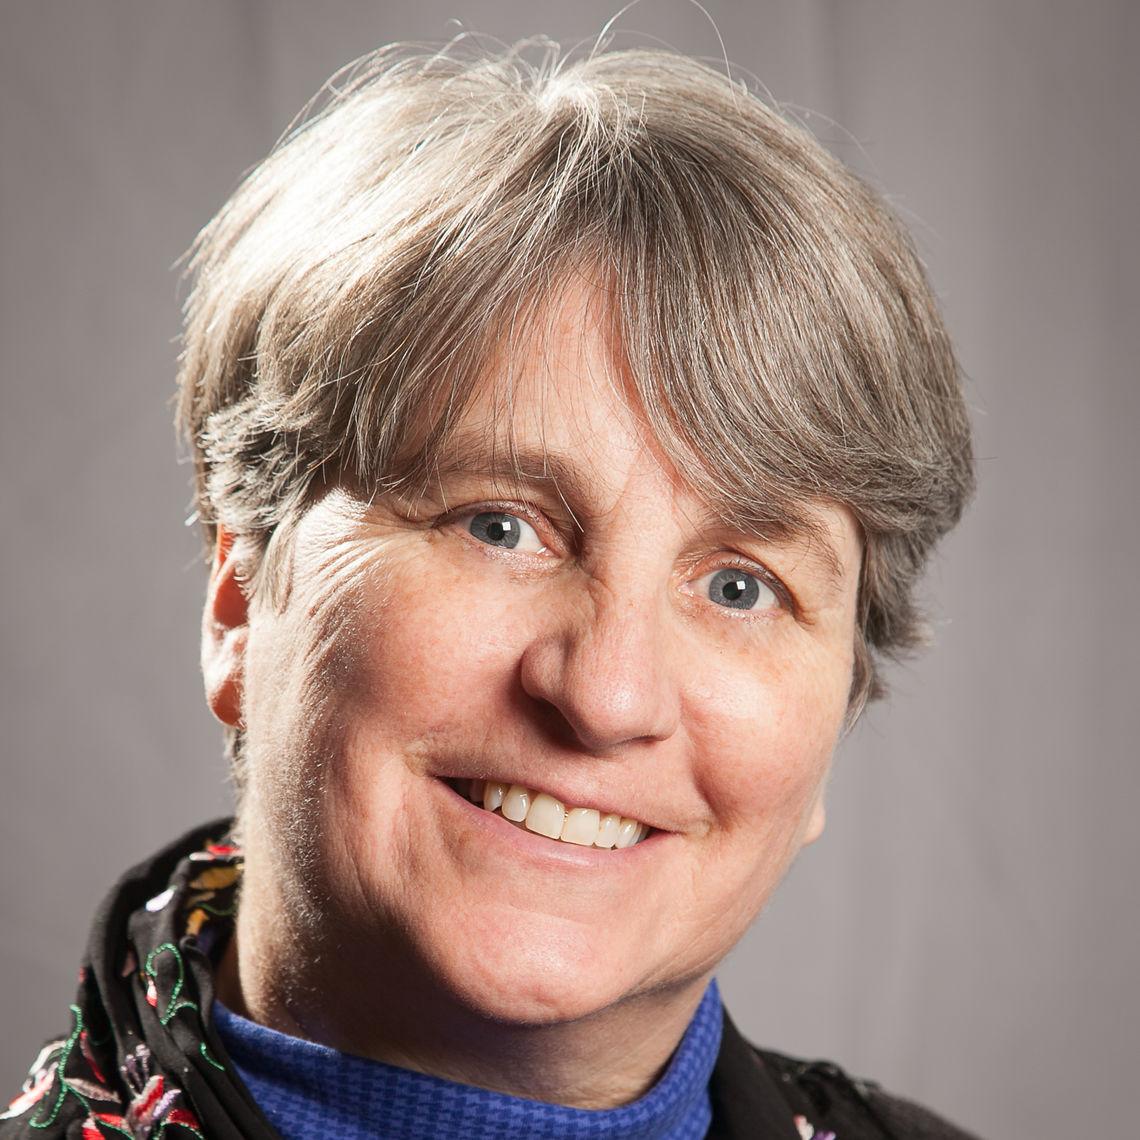 Julie Gemmell